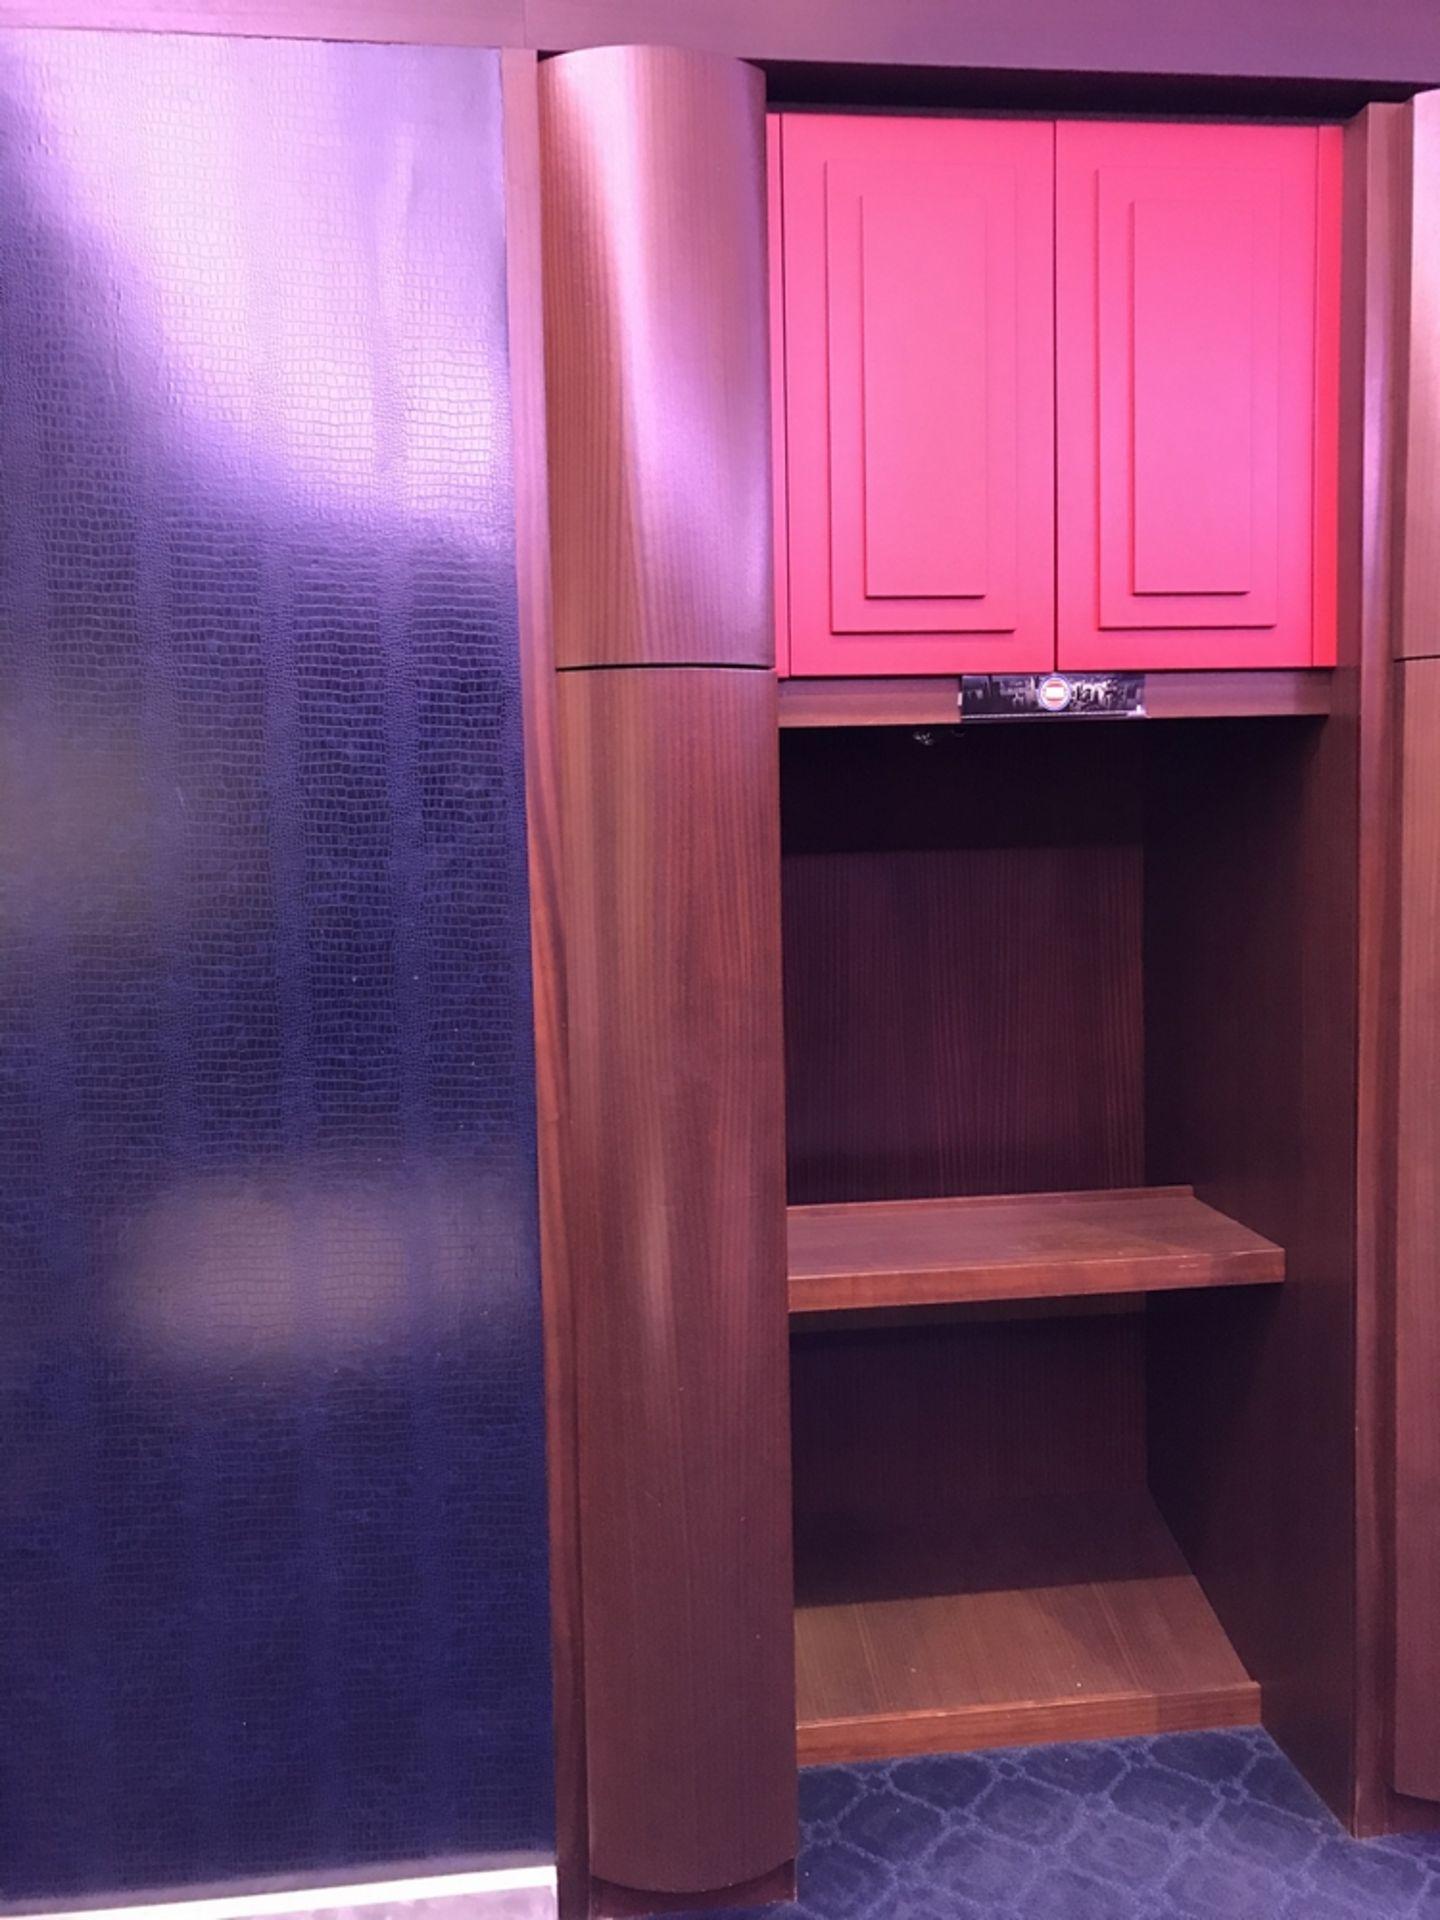 Lot 3 - Piston Player Locker , Dim. 50 in w x 107 in h x 35 in d , Location: Locker Room ***Note from